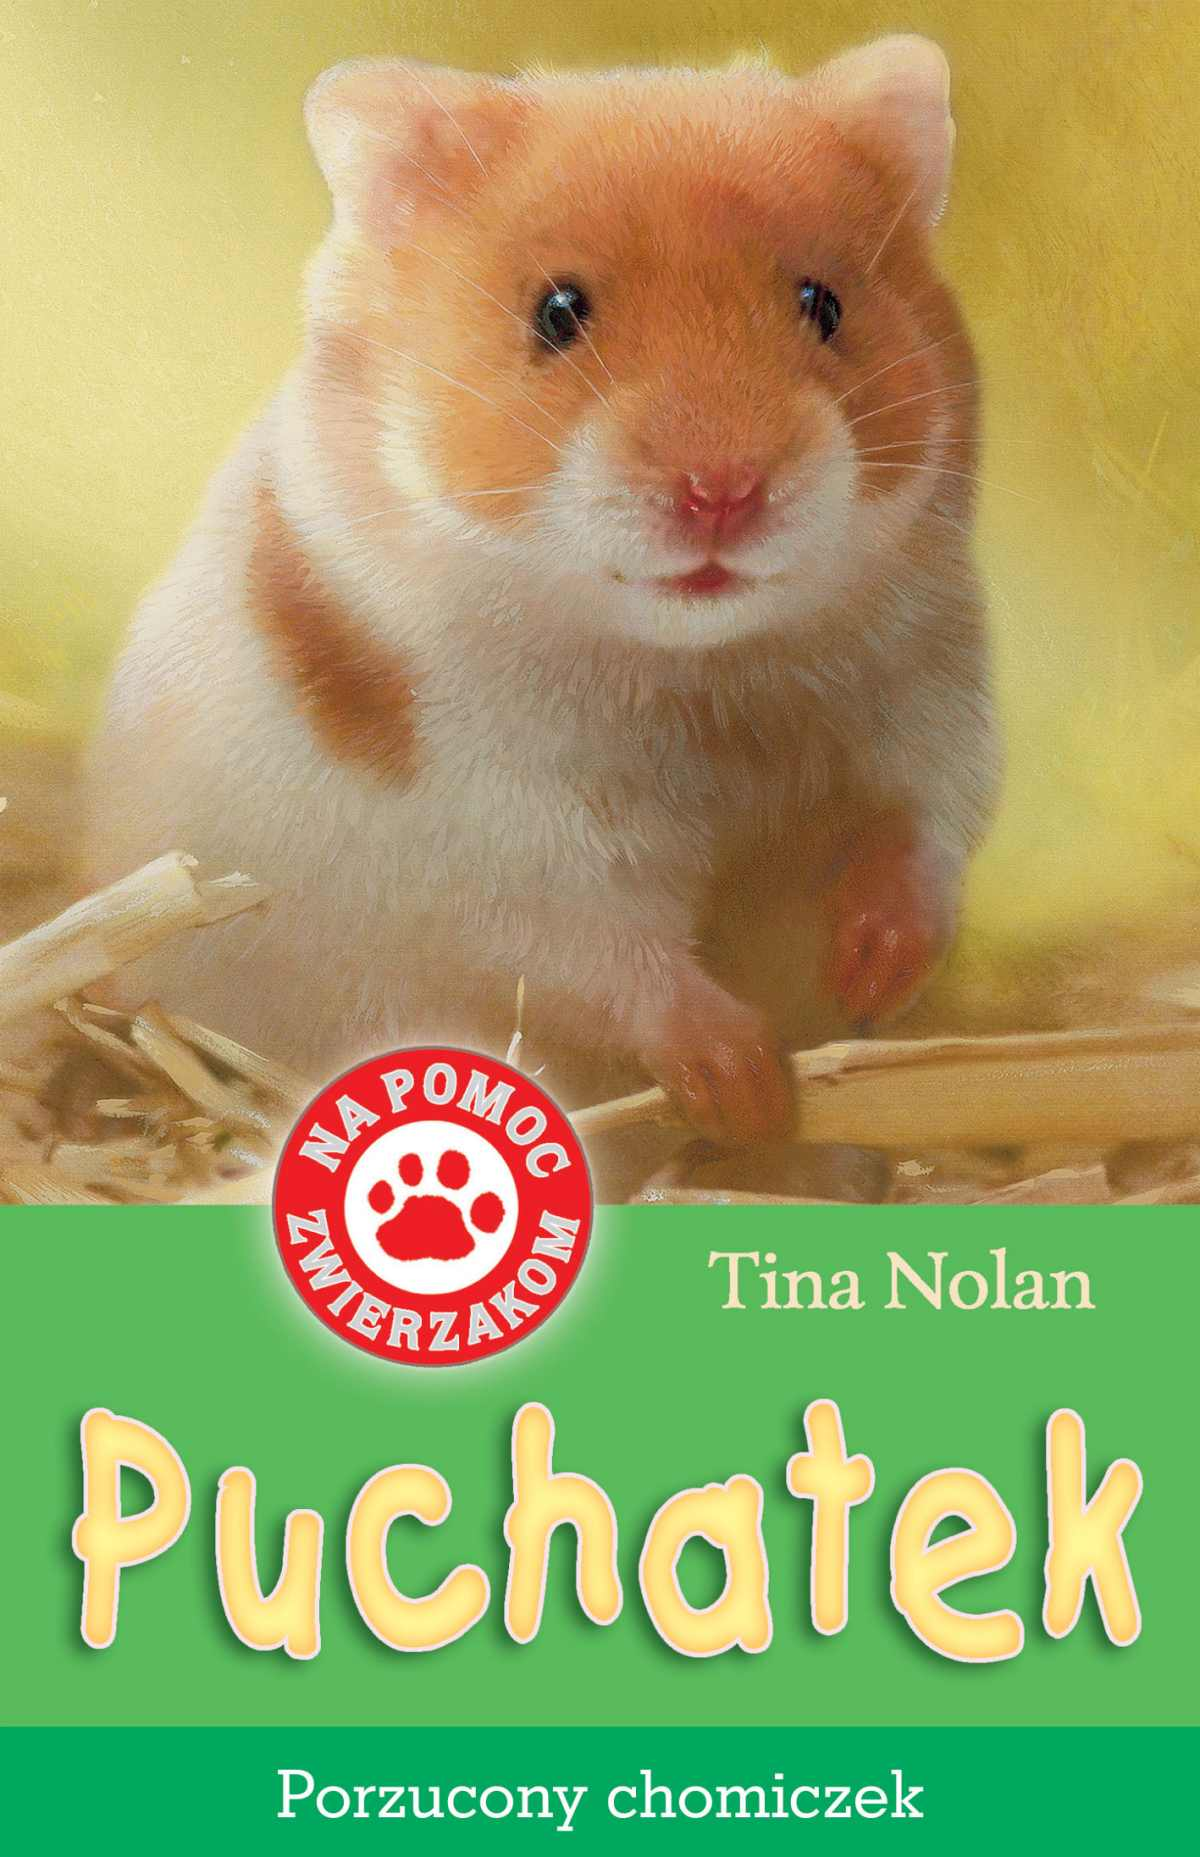 Puchatek, porzucony chomiczek - Ebook (Książka EPUB) do pobrania w formacie EPUB